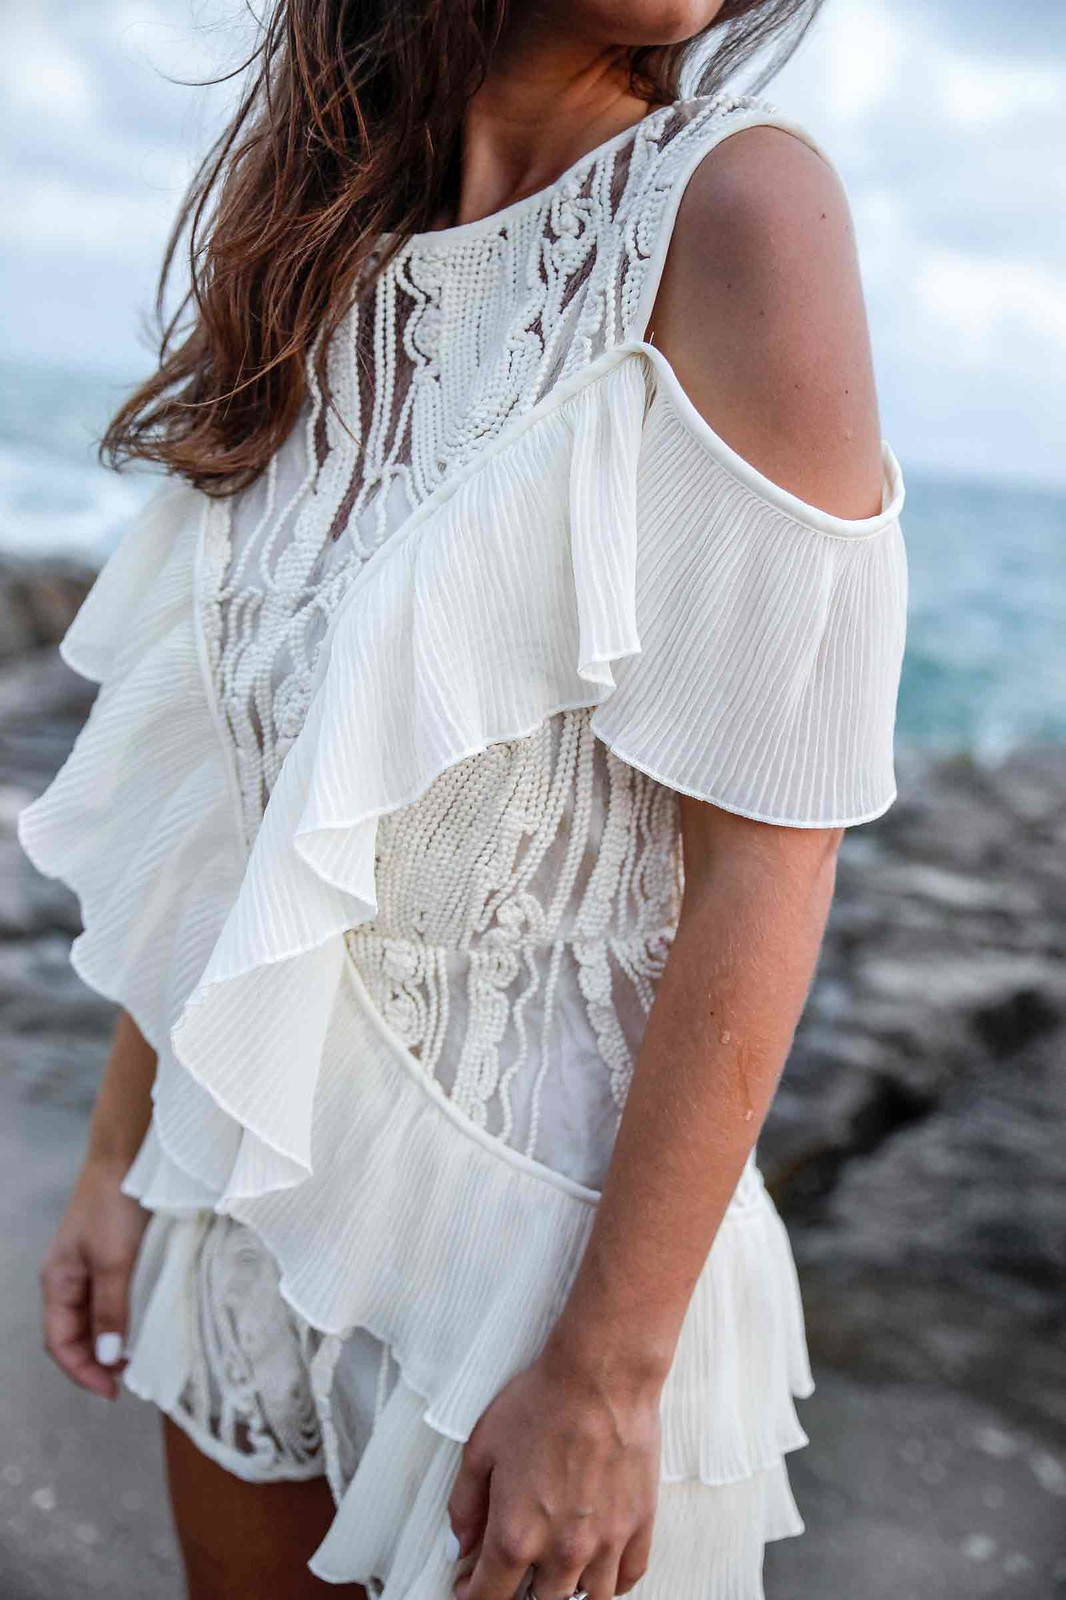 05_danity_paris_boho_sensual_outfit_jumpsuit_theguestgirl